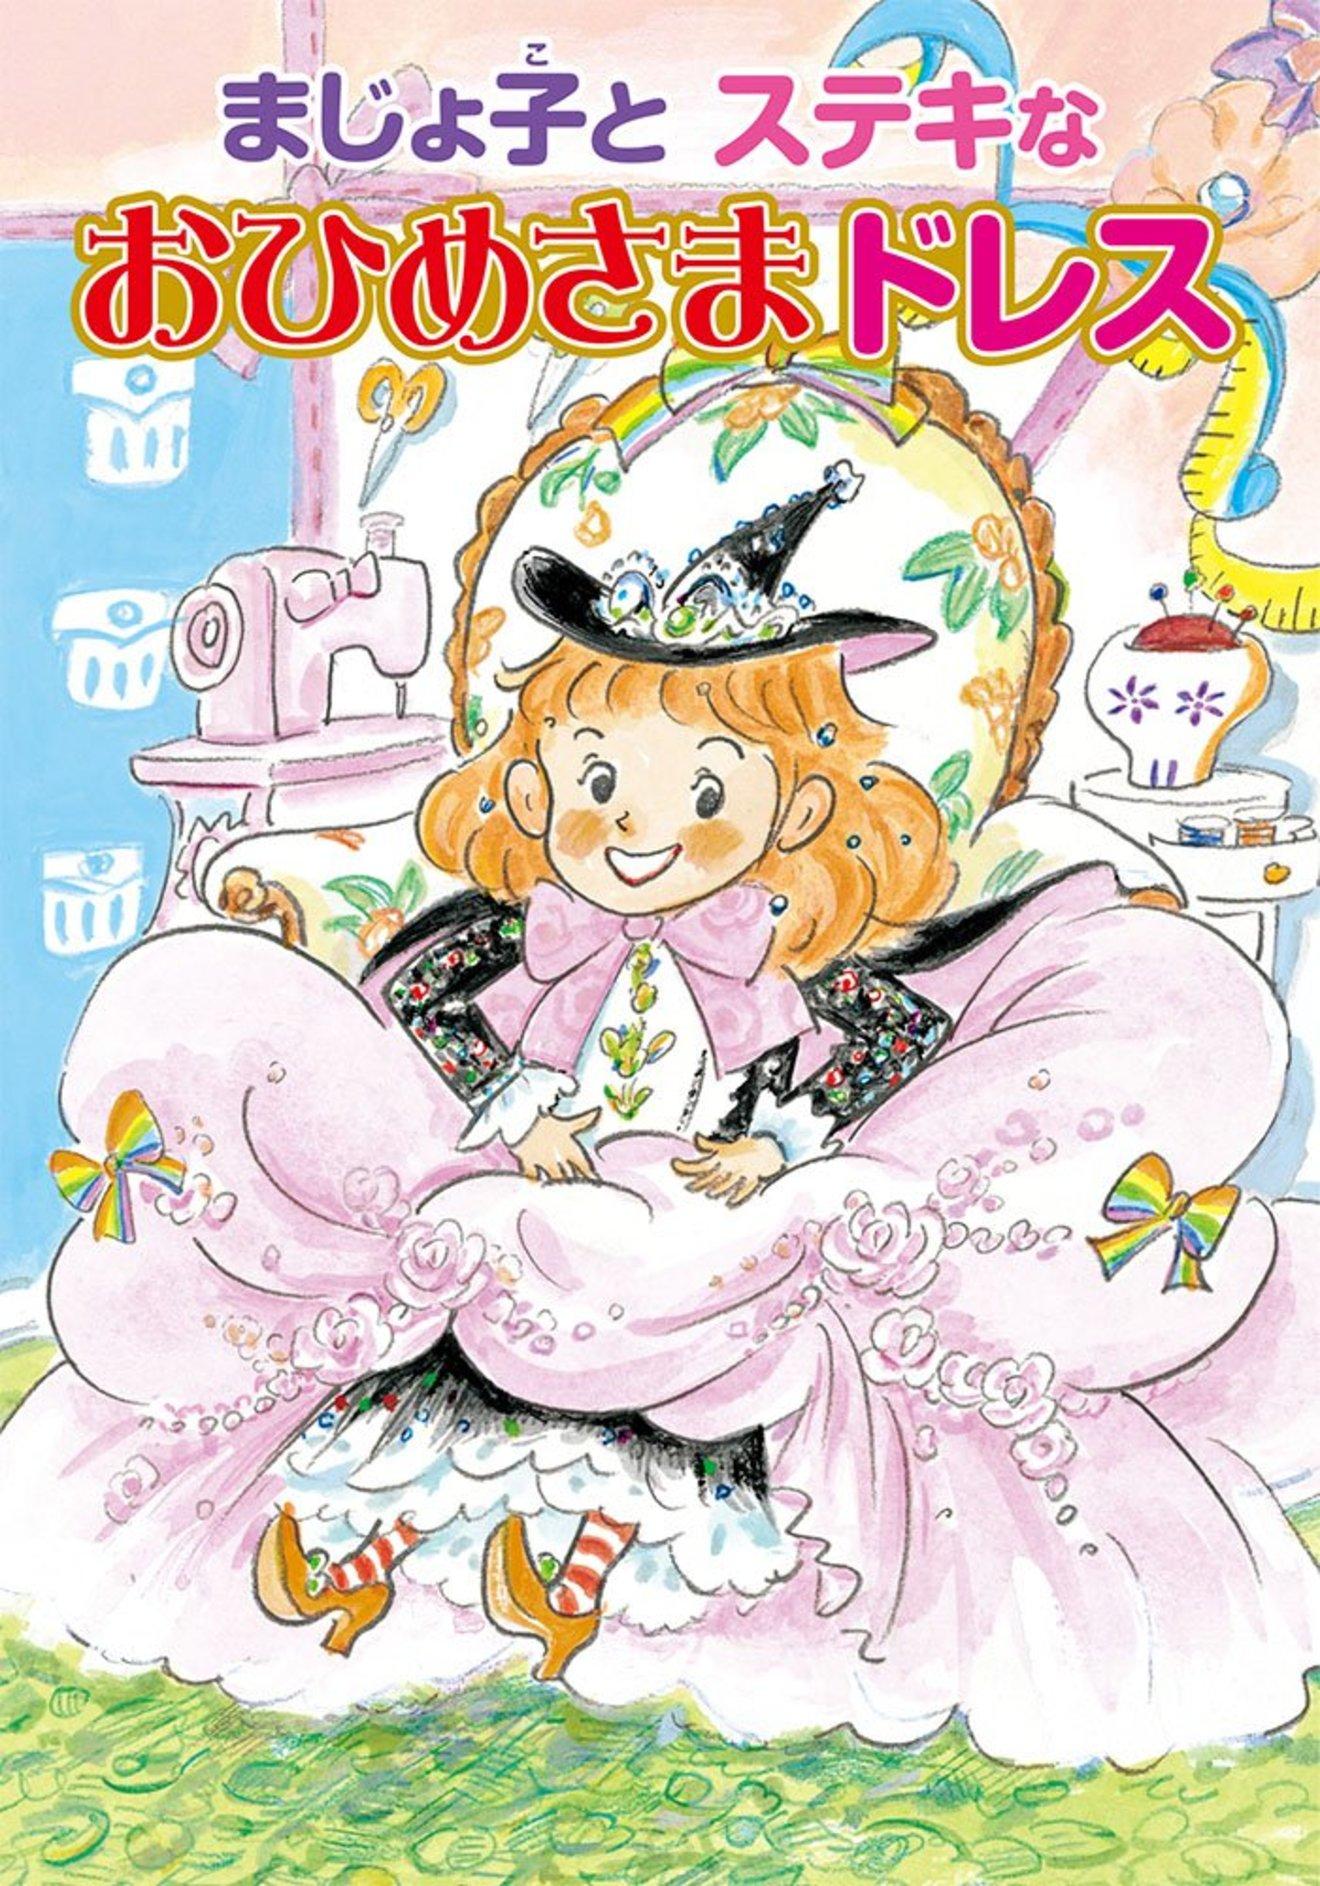 児童書「まじょ子」シリーズおすすめ5選!いまは休止中、再開が待たれる名作